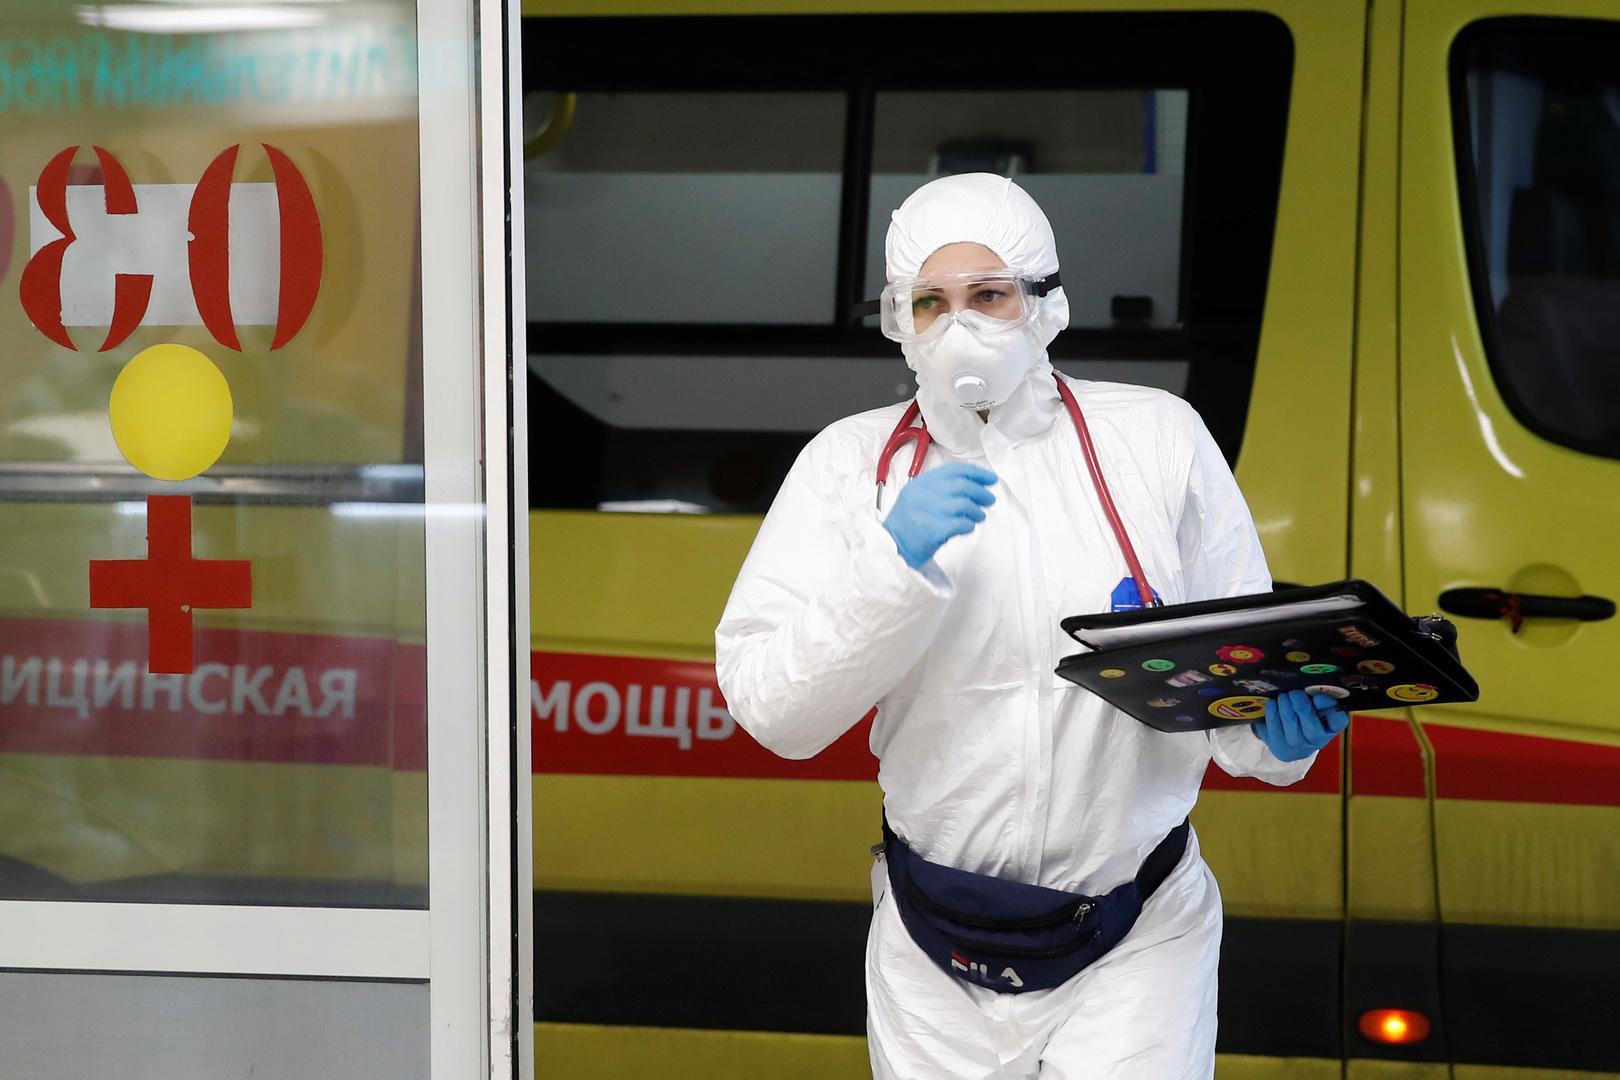 روسيا تسجل 175 حالة وفاة و6248 إصابة جديدة بفيروس كورونا خلال الساعات الـ24 الماضية